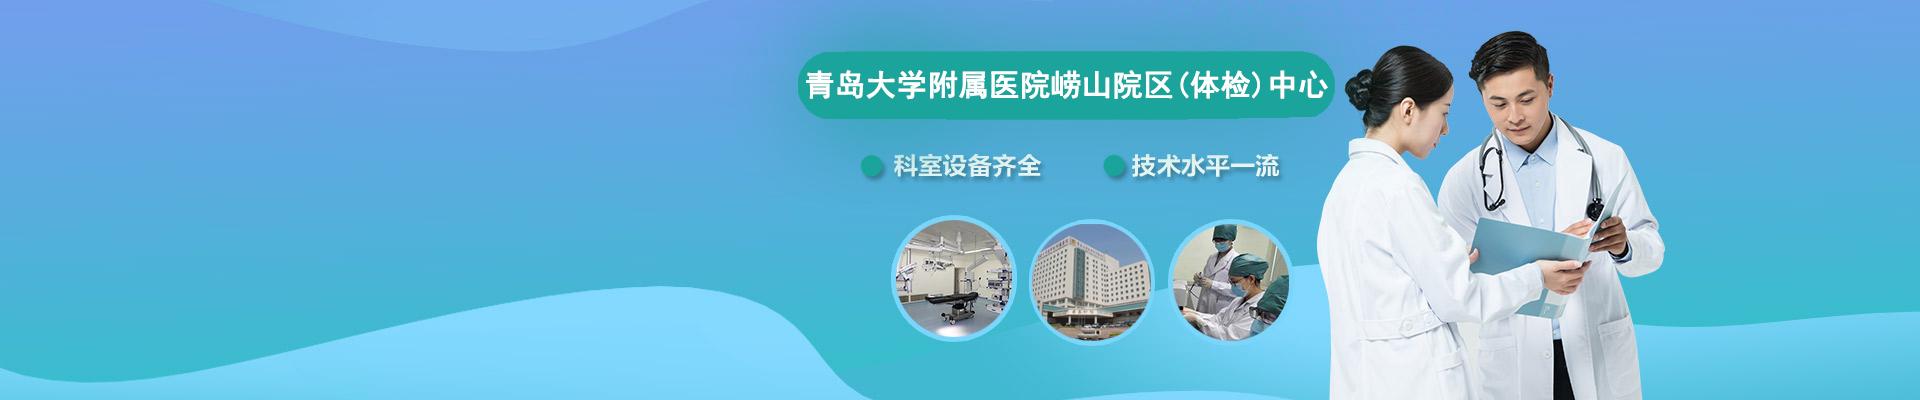 青岛大学附属医院崂山院区(体检)中心PC